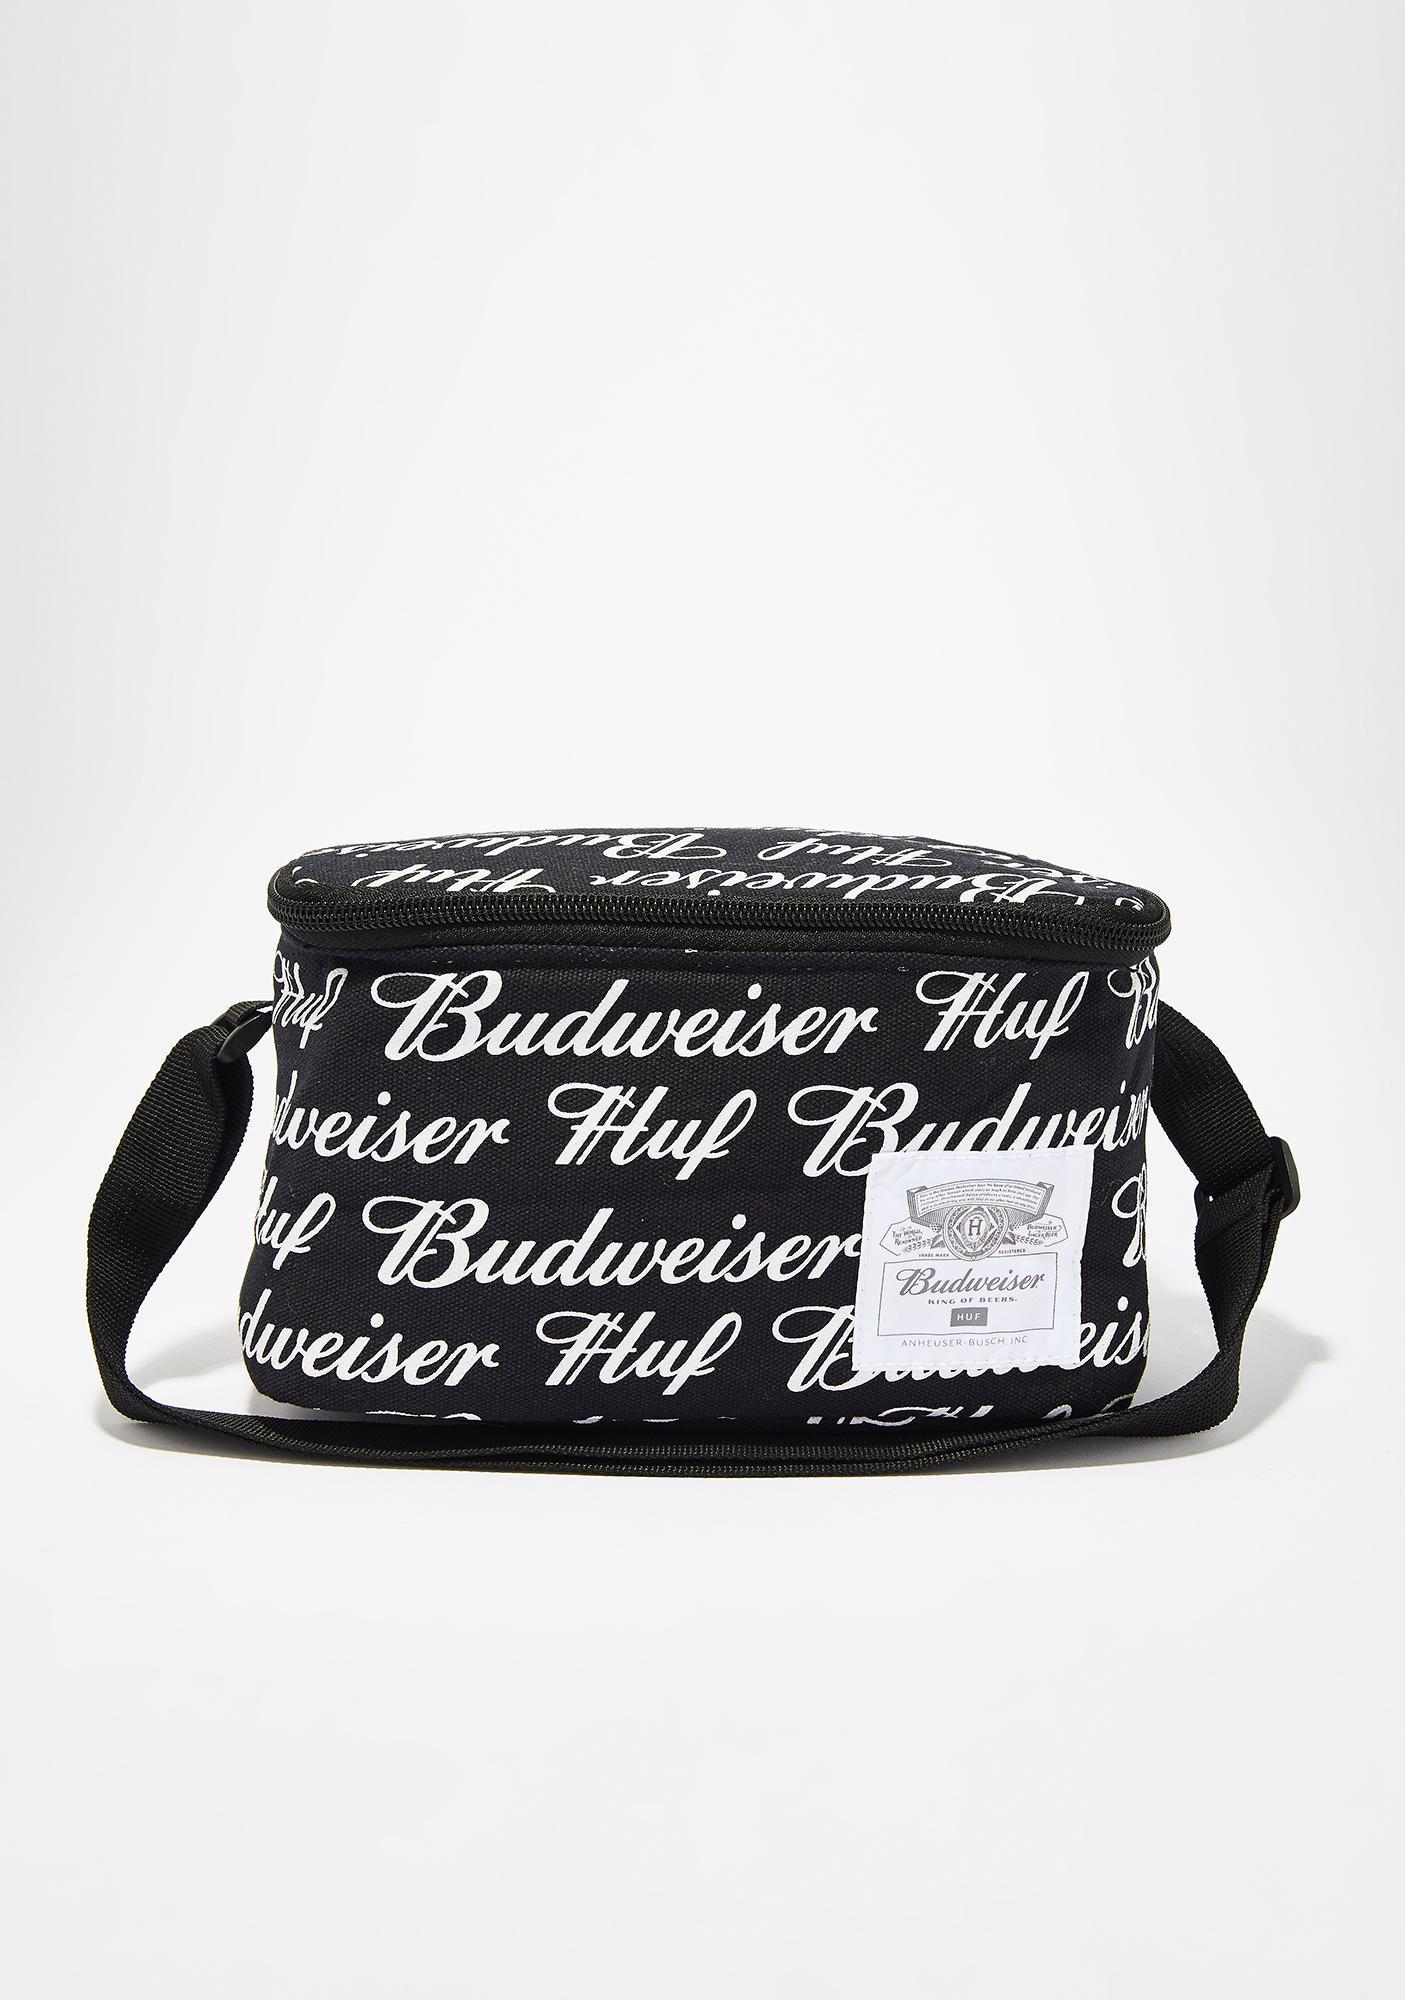 HUF x Budweiser 6 Pack Cooler